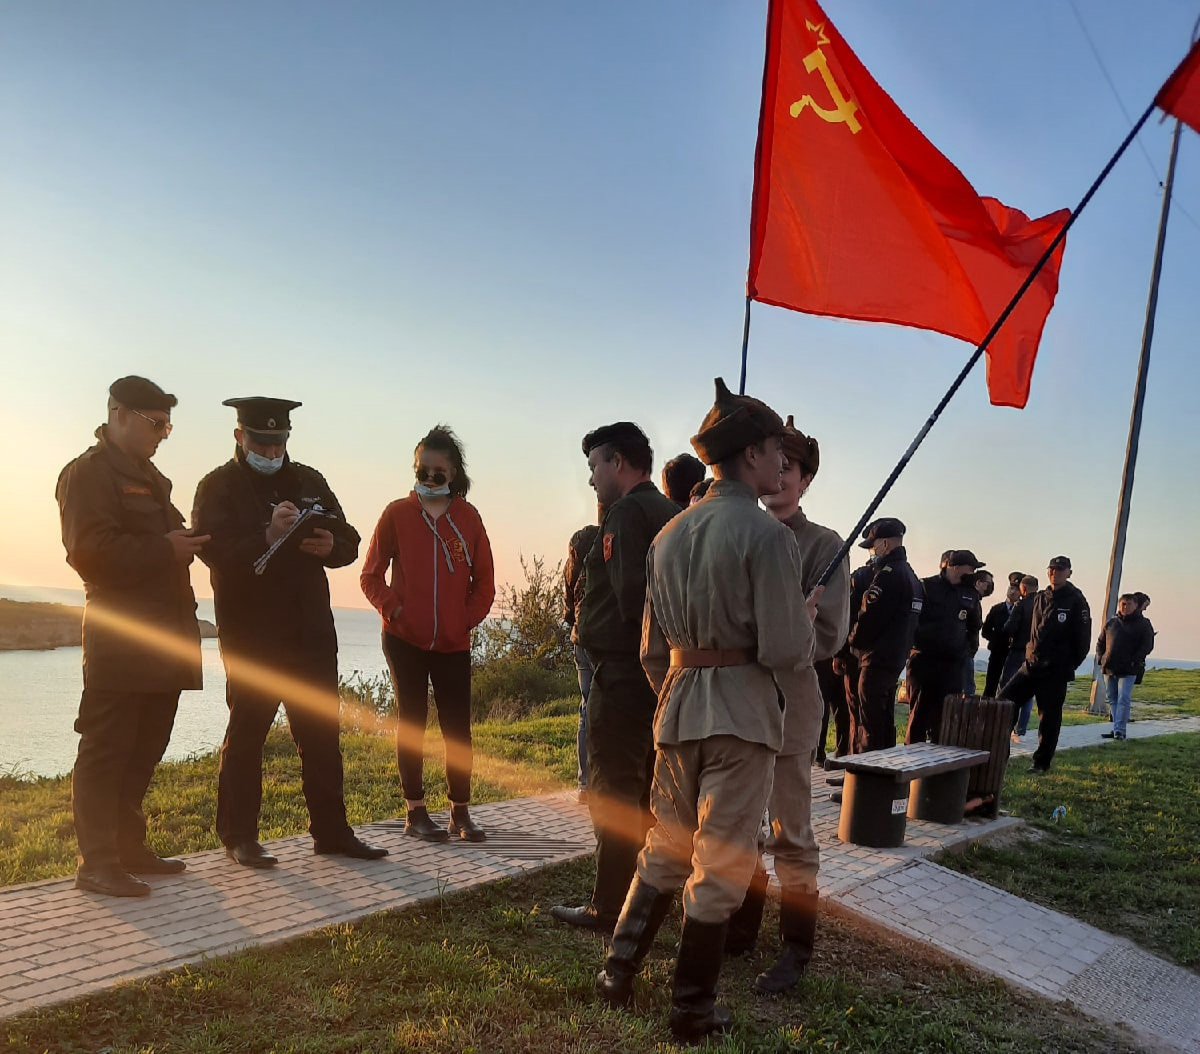 20210424_10-32-Севастопольских комсомольцев не пустили на открытие памятника «Примирения»-pic1